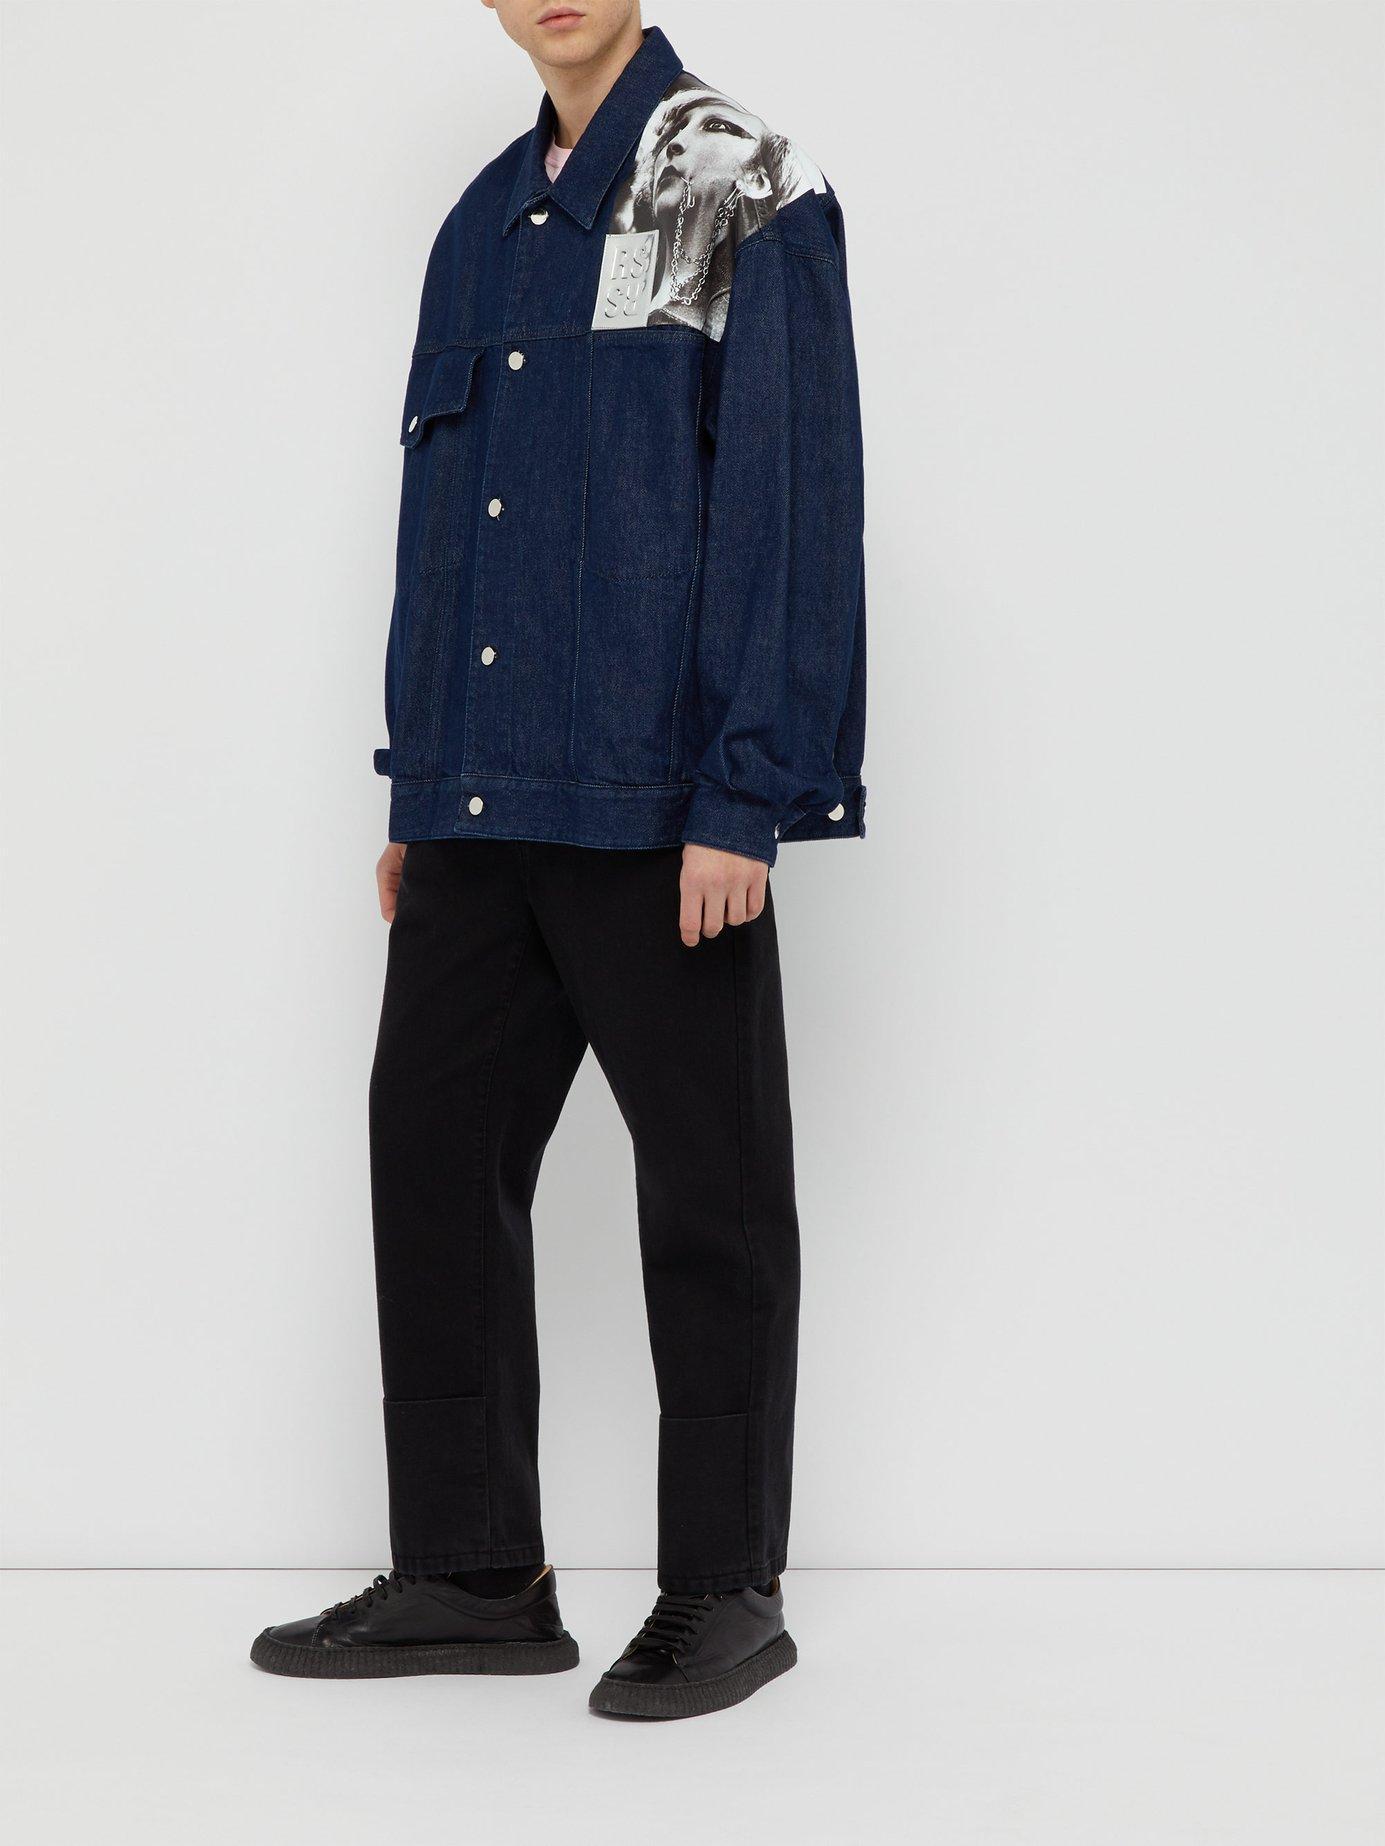 ce1ed8a1ce0 Lyst - Raf Simons Punkette Oversized Denim Jacket in Blue for Men ...